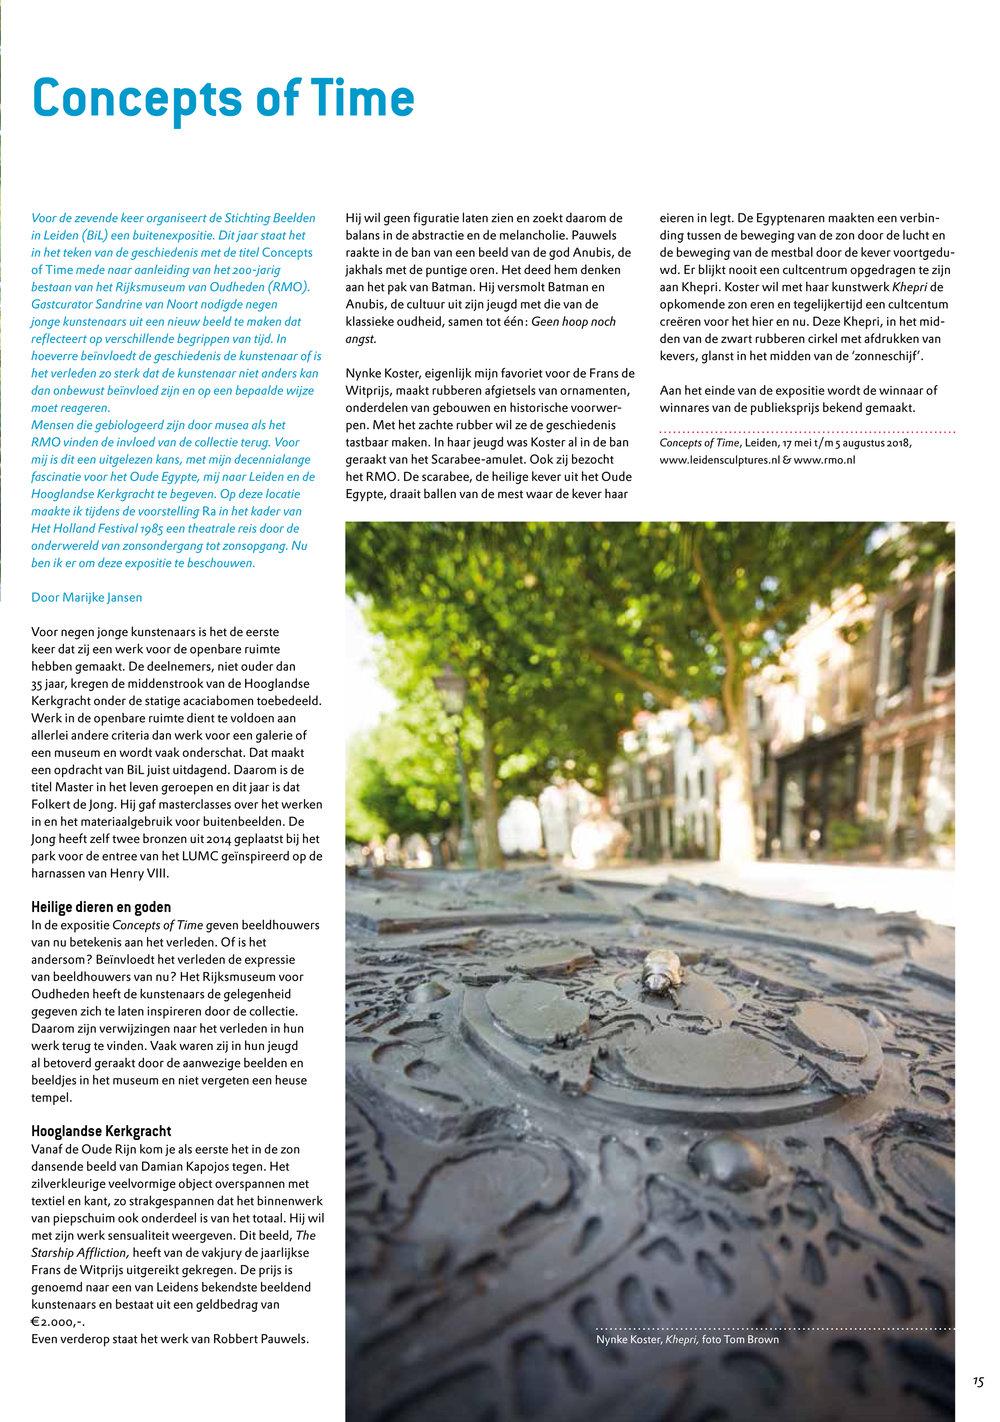 Beelden-magazine Nynke Koster Khepri.jpg